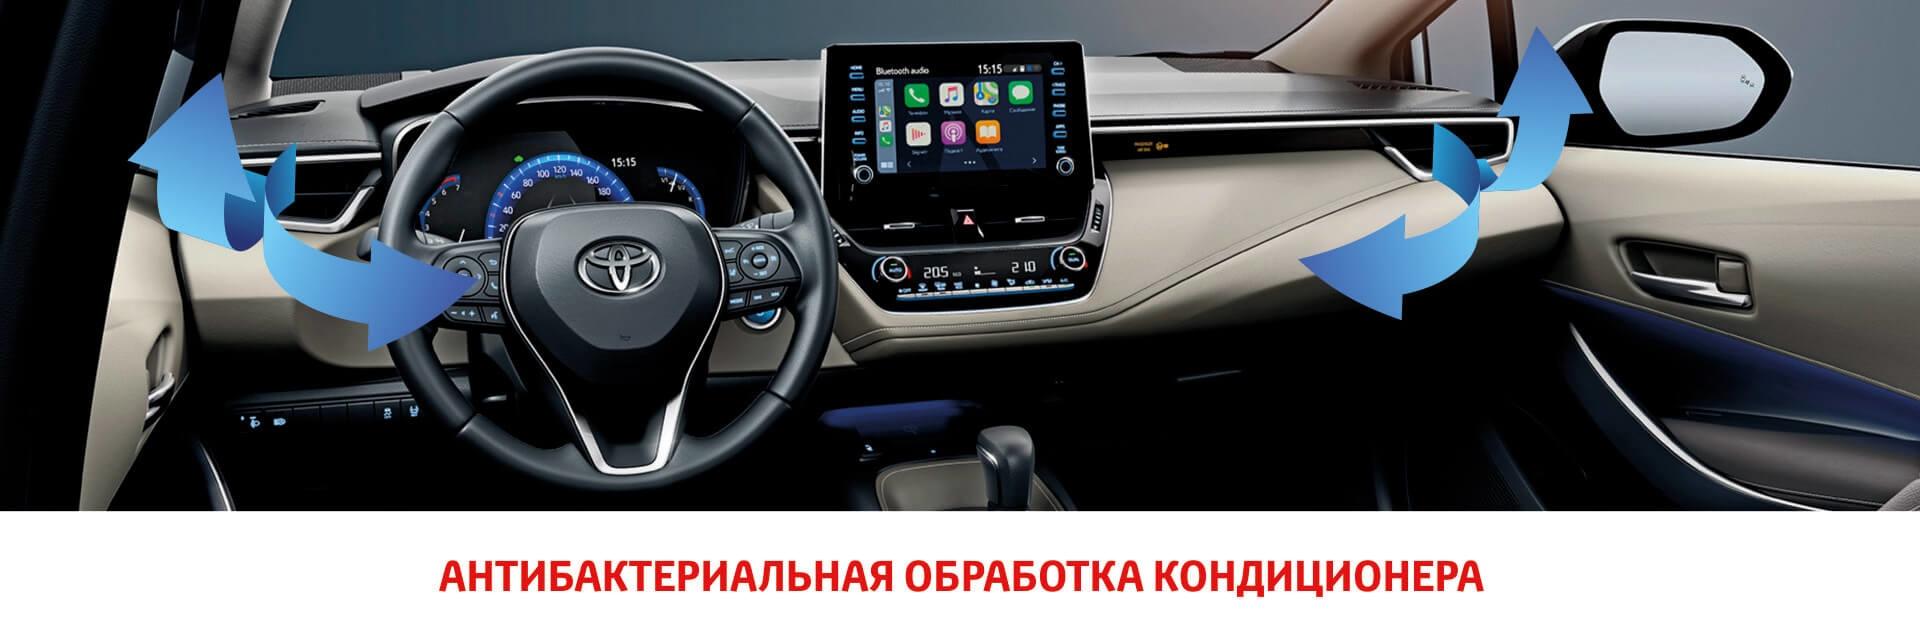 Антибактериальная обработка автомобильного кондиционера!⠀